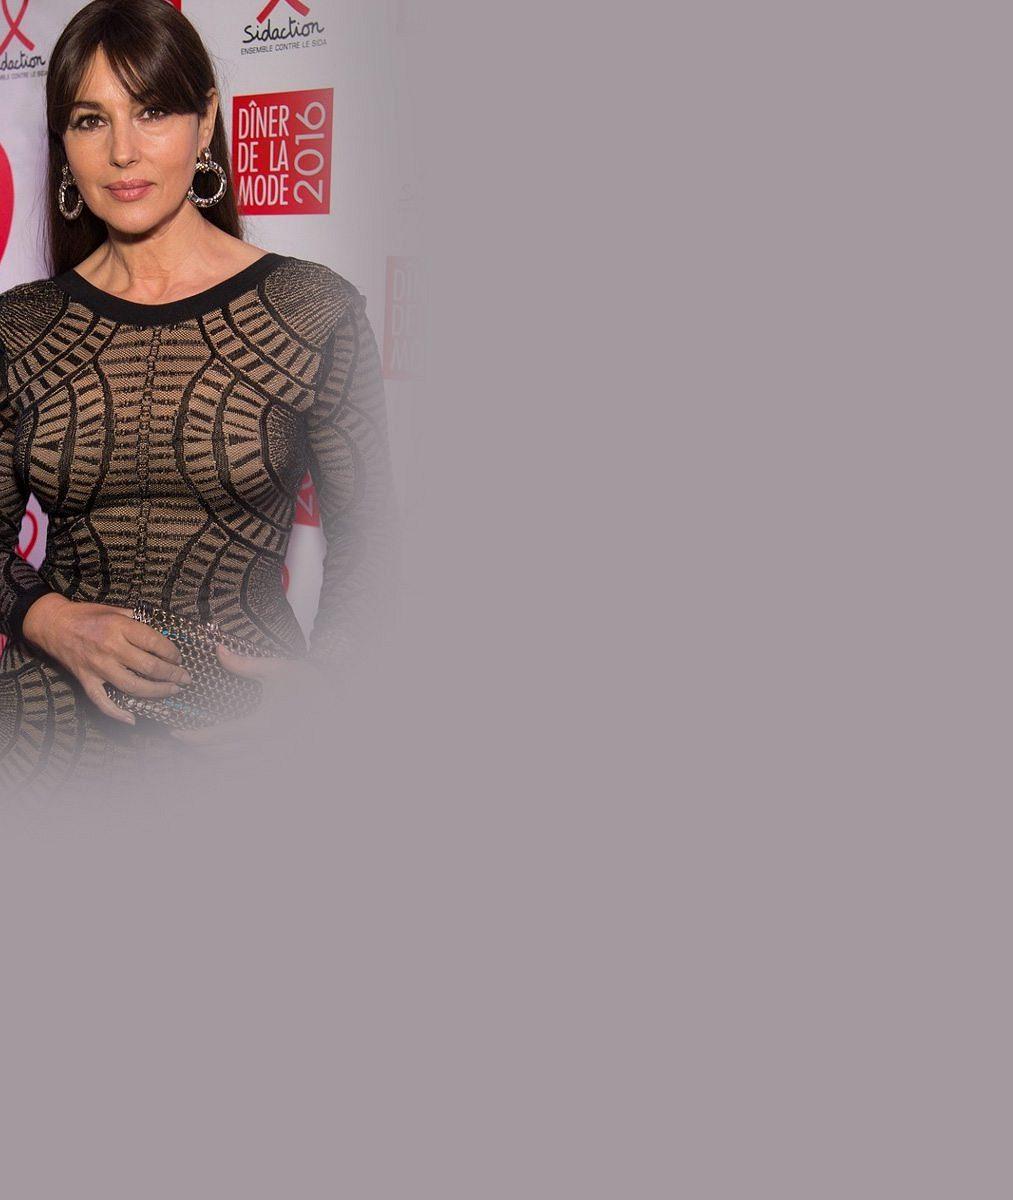 Dokonalá Monica Bellucci zdůraznila v těsných šatech své ženské křivky